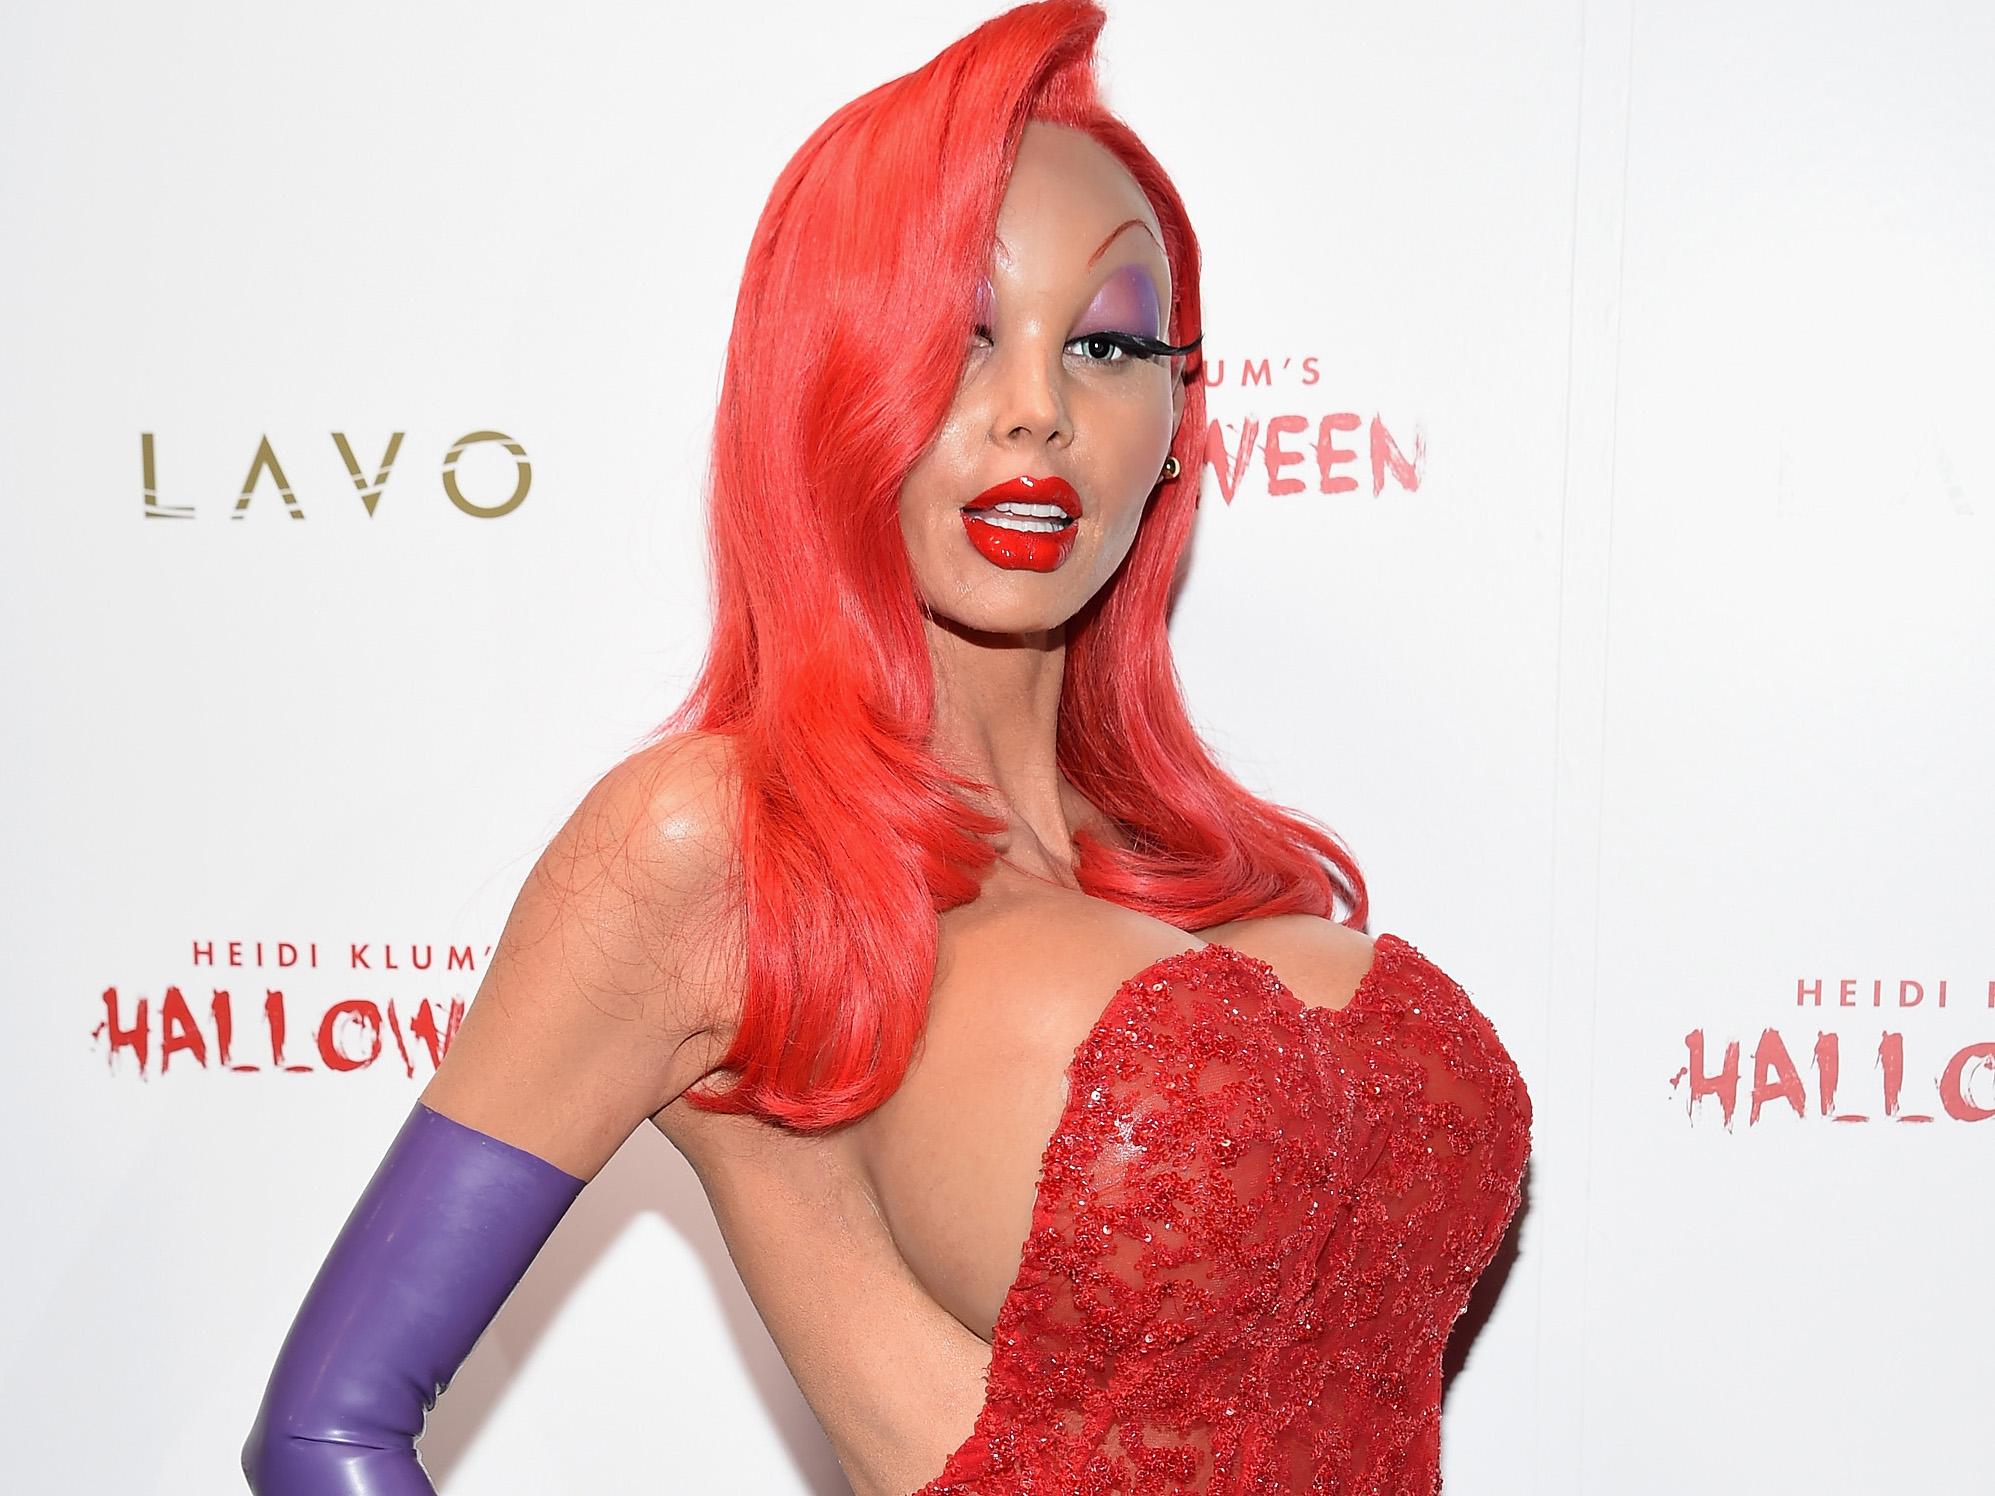 Джессика Рэббит, Королева Червей и Красная Шапочка: 15 самых ярких костюмов звезд на Хэллоуин-320x180